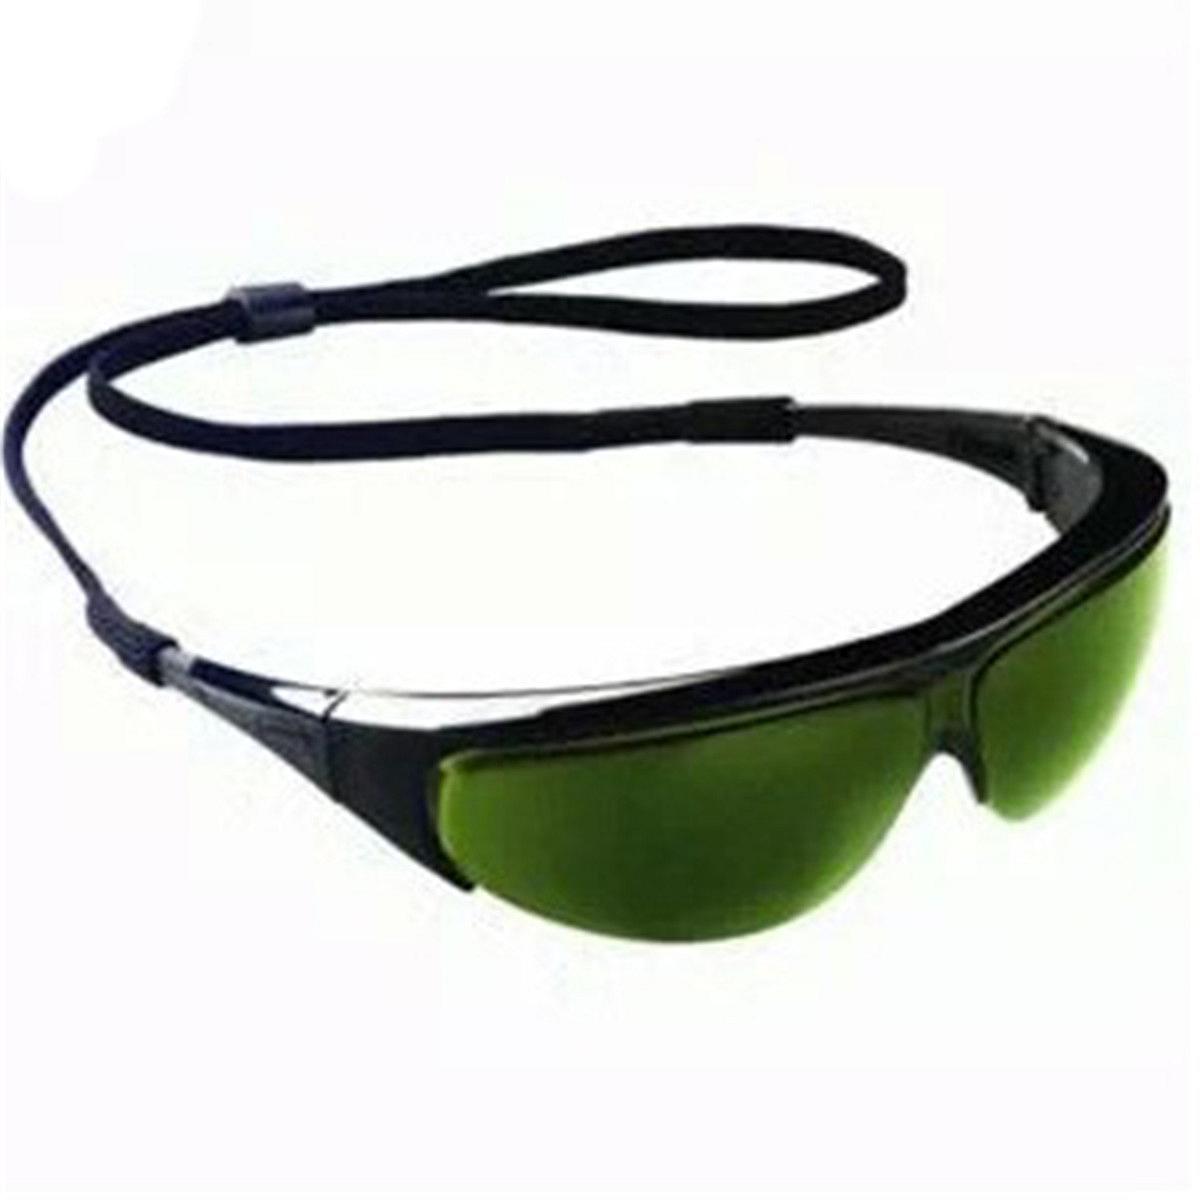 霍尼韦尔1006405护目镜 头部防护 (单位:块)